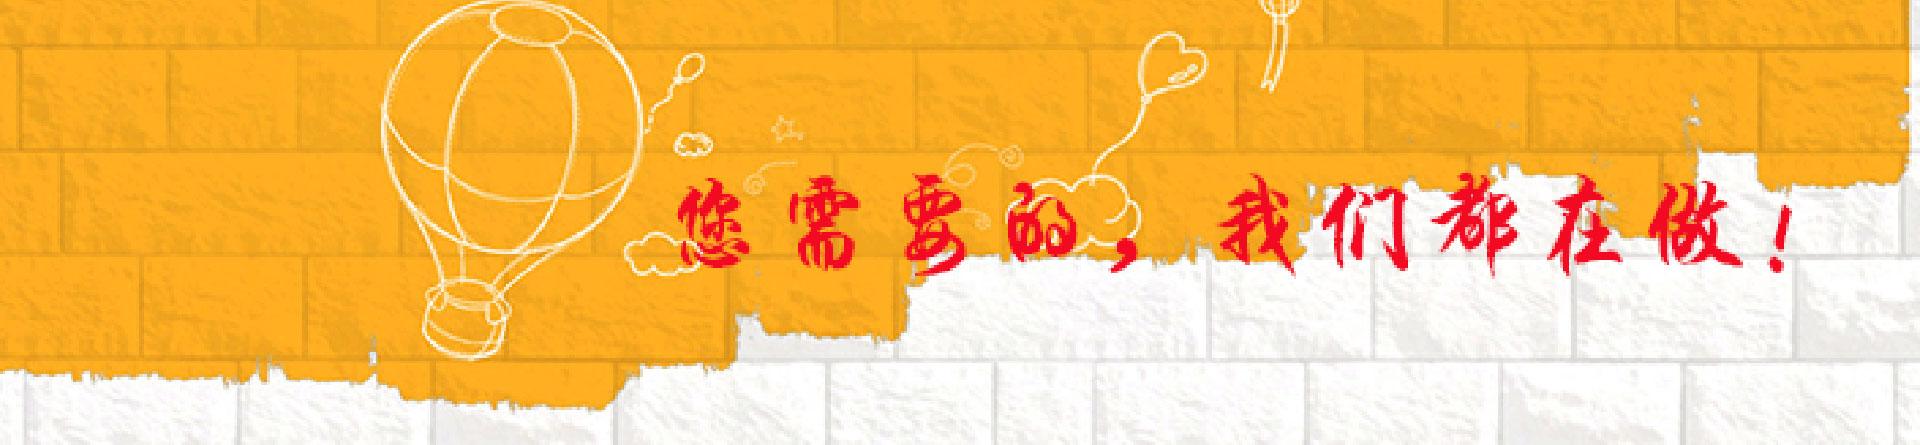 郑州导航教育